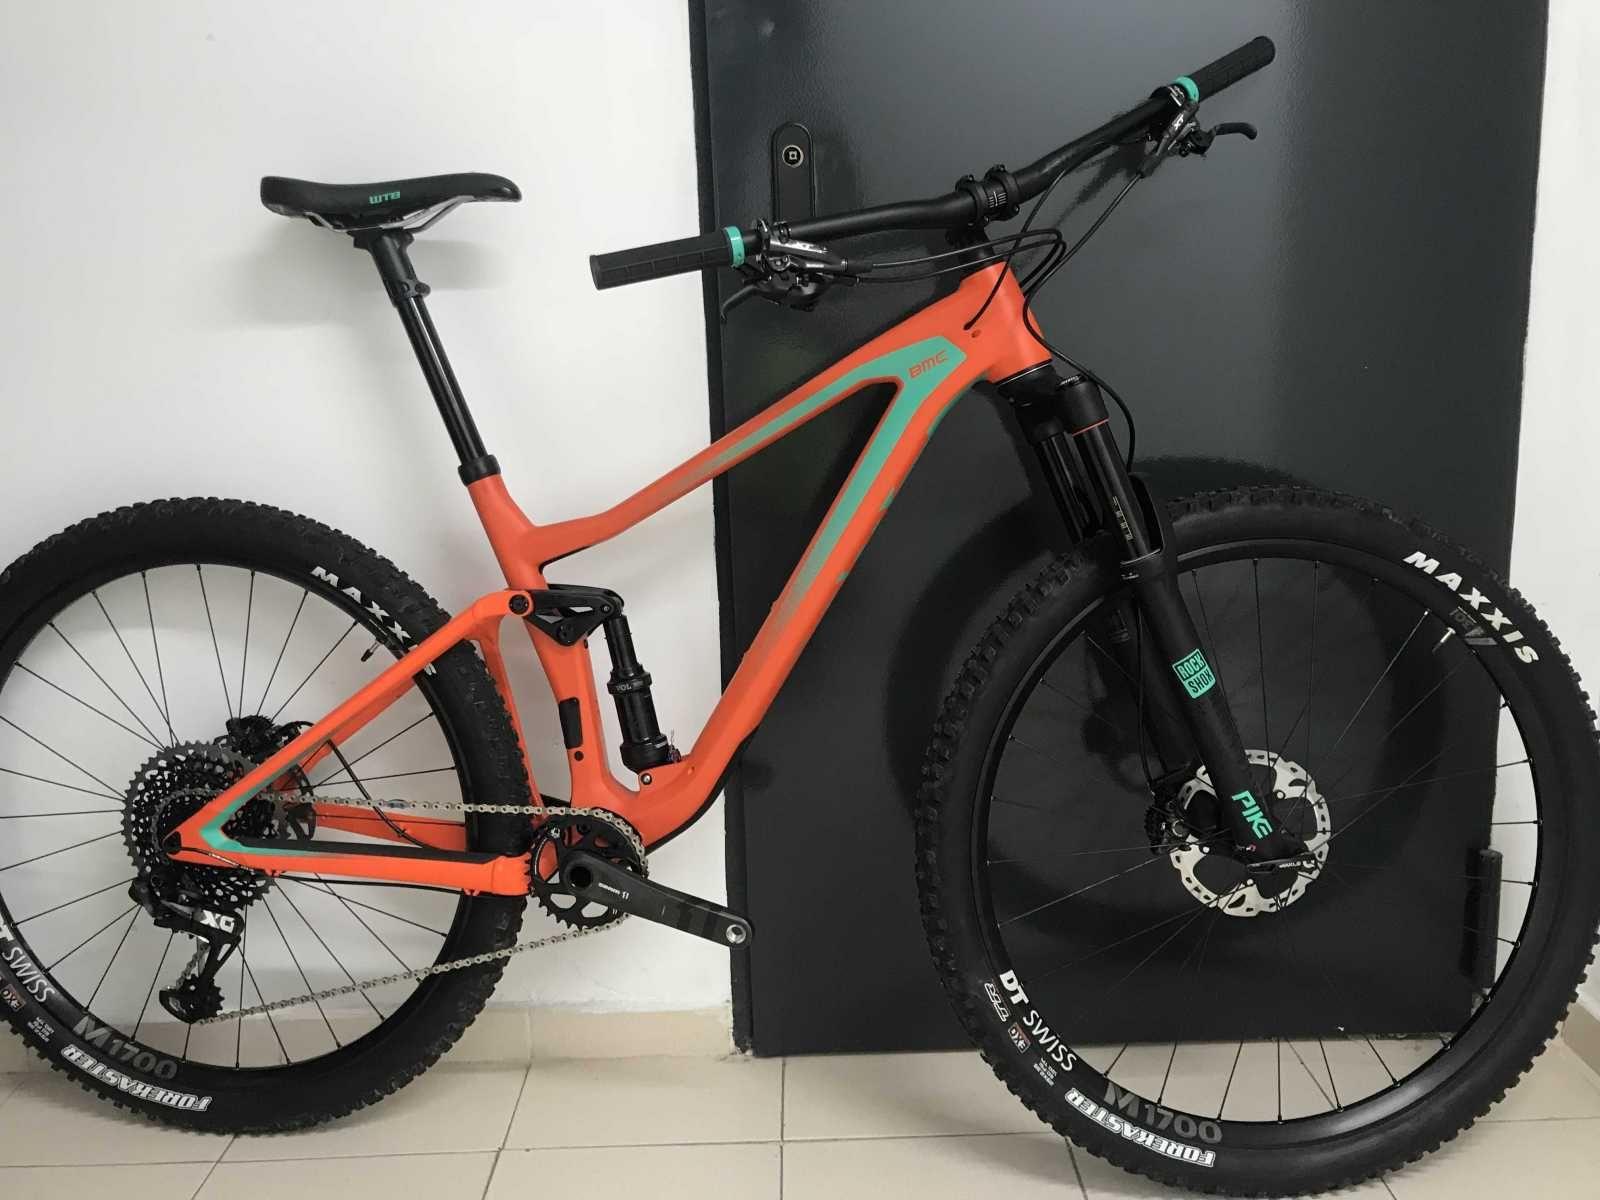 Bicicleta De Montaña Bmc Q2 Ref 38291 Talla M Año 2018 Cambio Sram X0 Cuadro De Carbono Suspensión Doble Bicicletas Bicicletas Mtb Bicicletas De Montaña